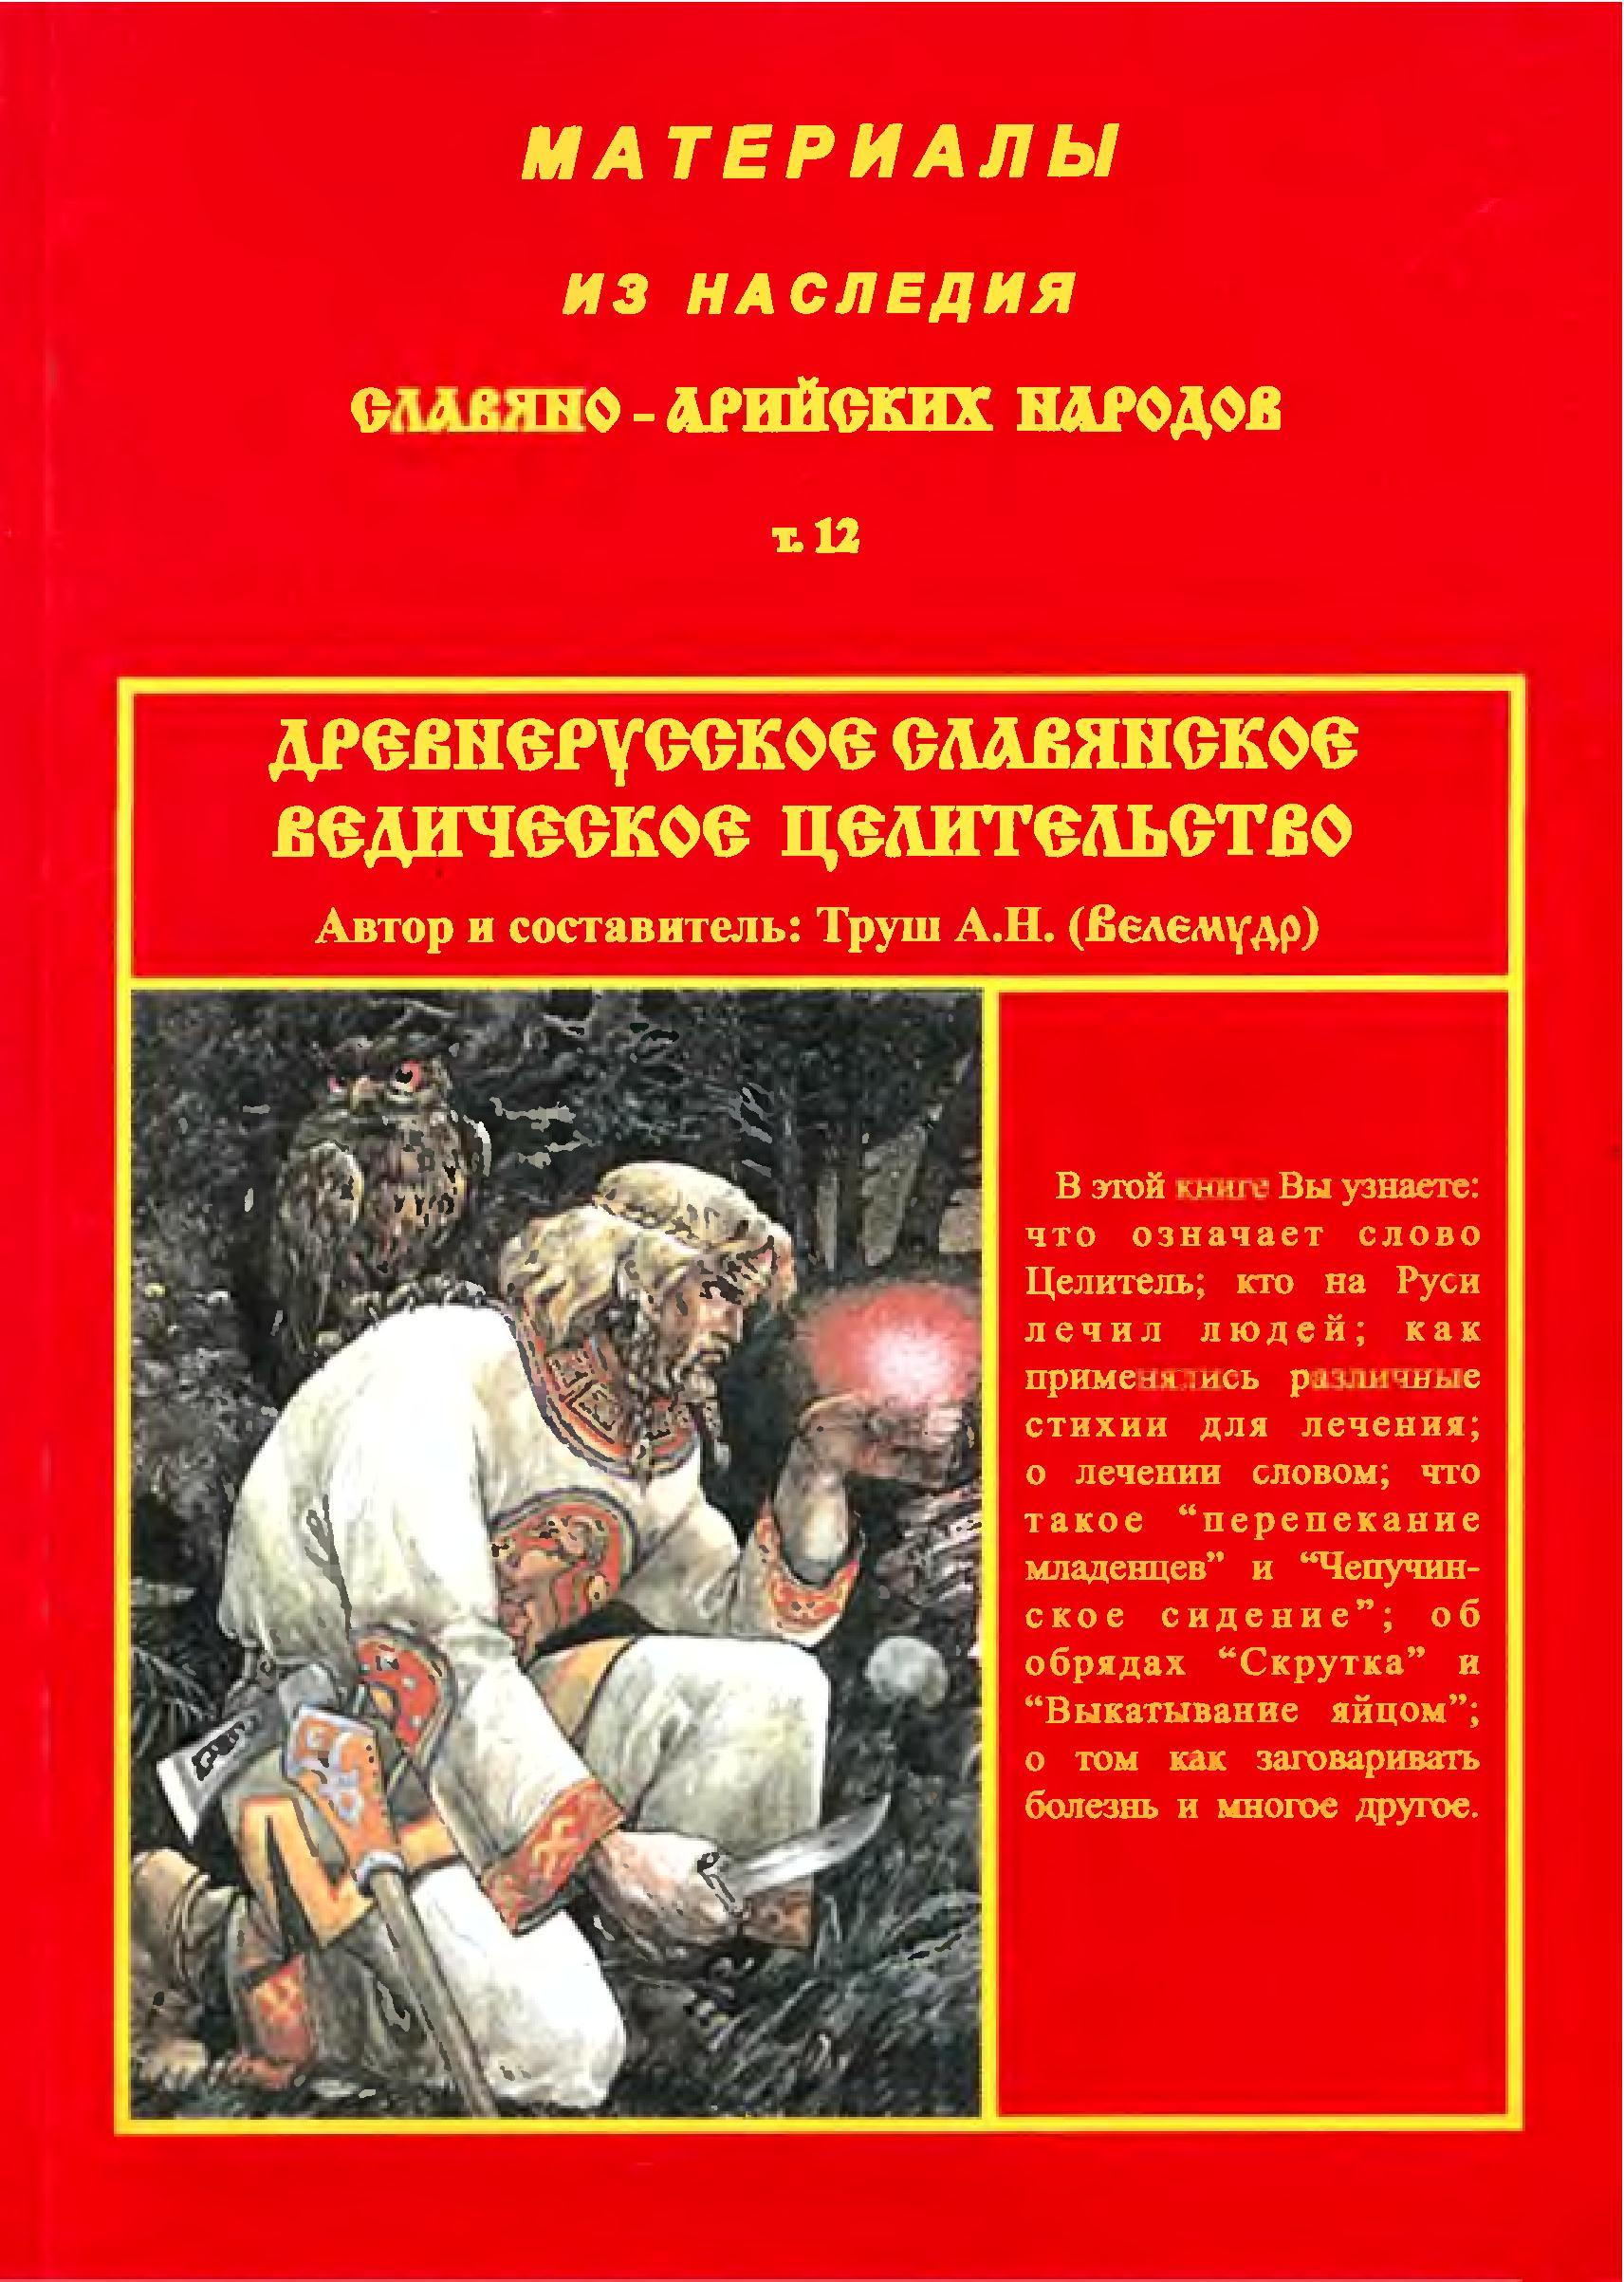 Материалы из наследия Славяно-Арийских народов (Древнерусское славянское ведическое целительство)